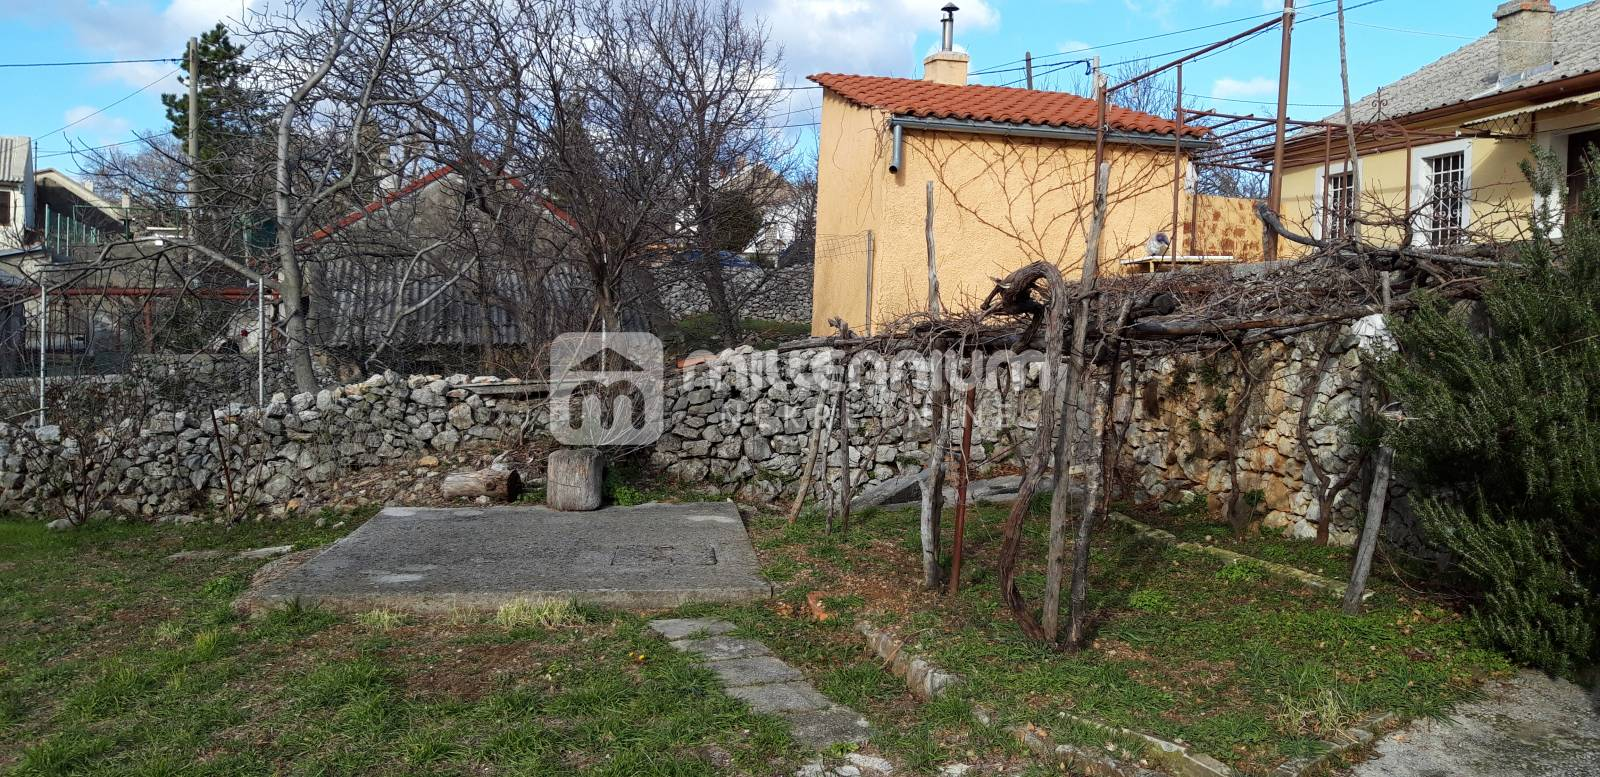 Rijeka prigrad, Krasica, samostojeća starina